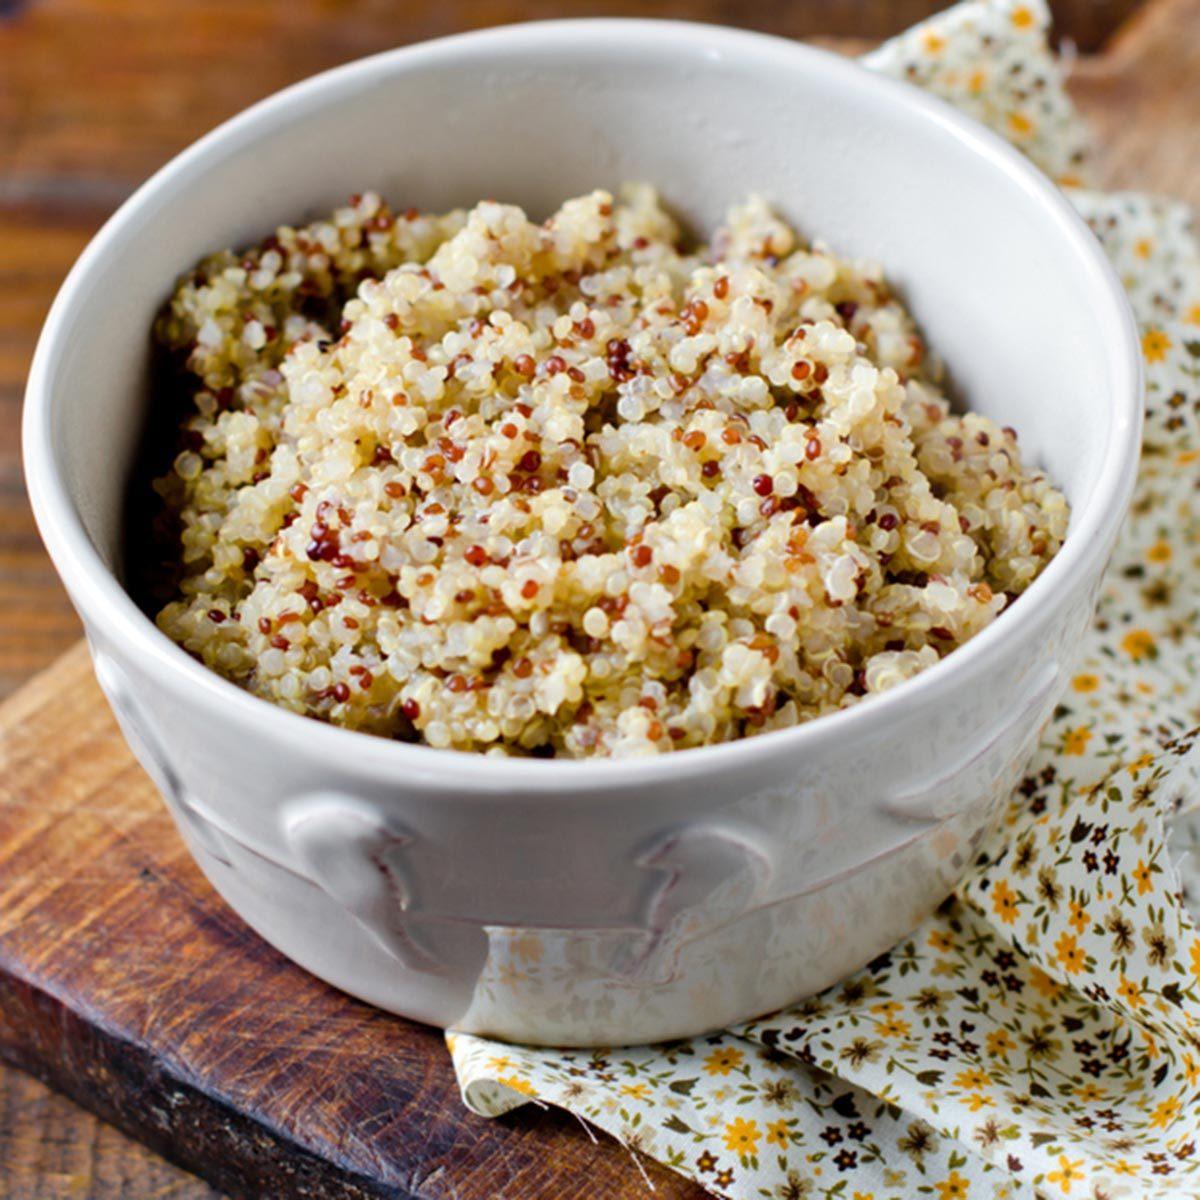 Des protéines végétales peuvent être ajoutées à votre smoothie avec du quinoa.